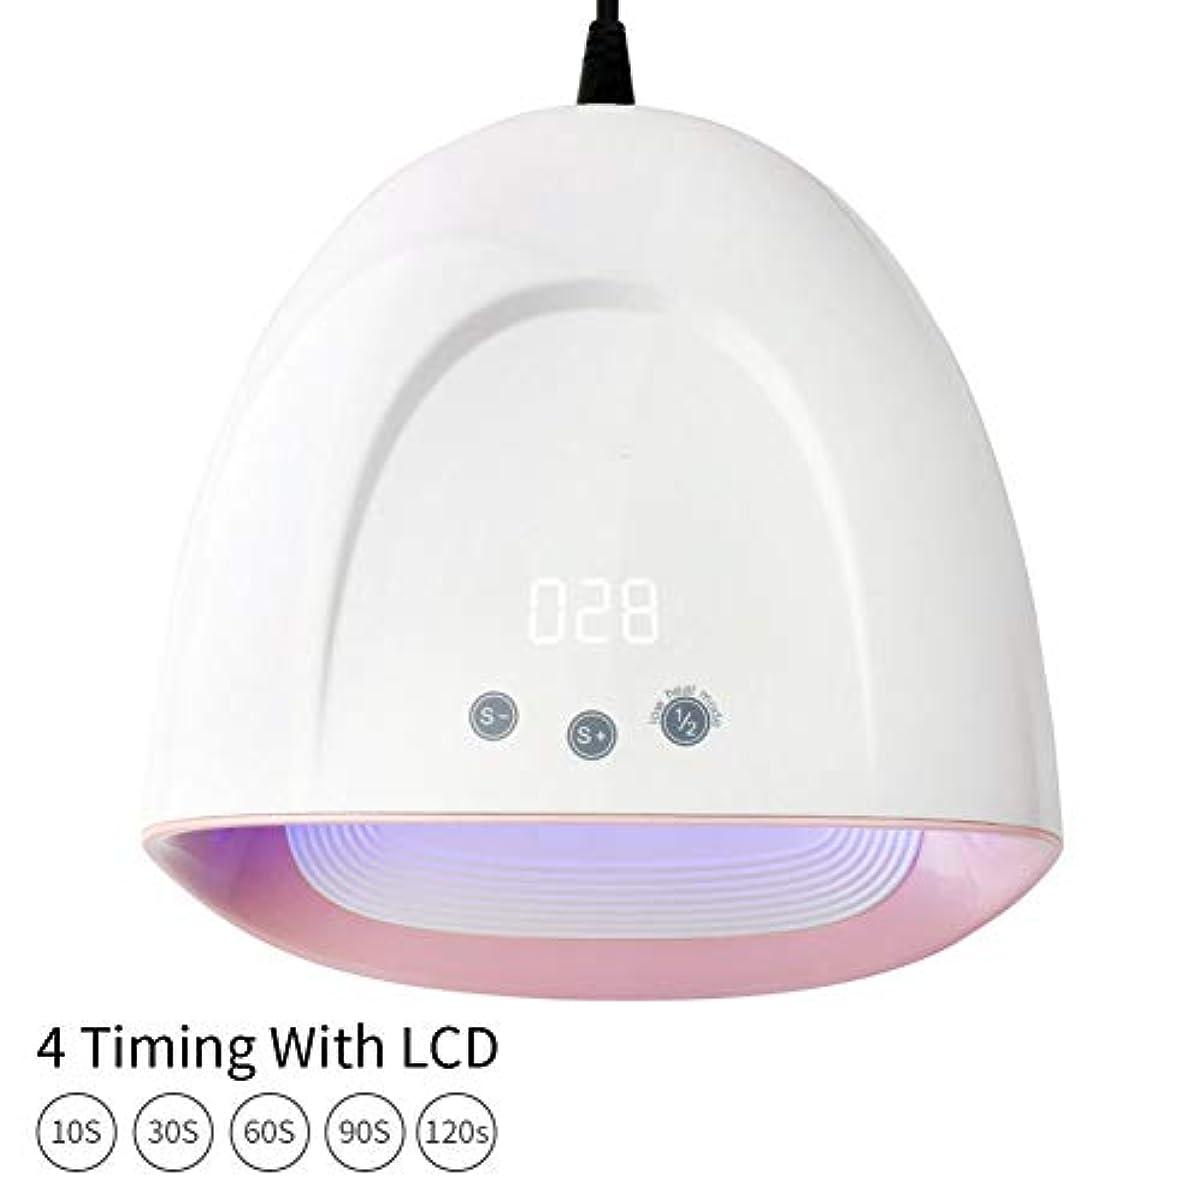 細分化するジャーナルソースネイルドライヤー - LED光線療法ネイルマシン60Wマルチタイムタイミング33ランプビーズ4スピードタイミング接着剤隠しデジタルスクリーン